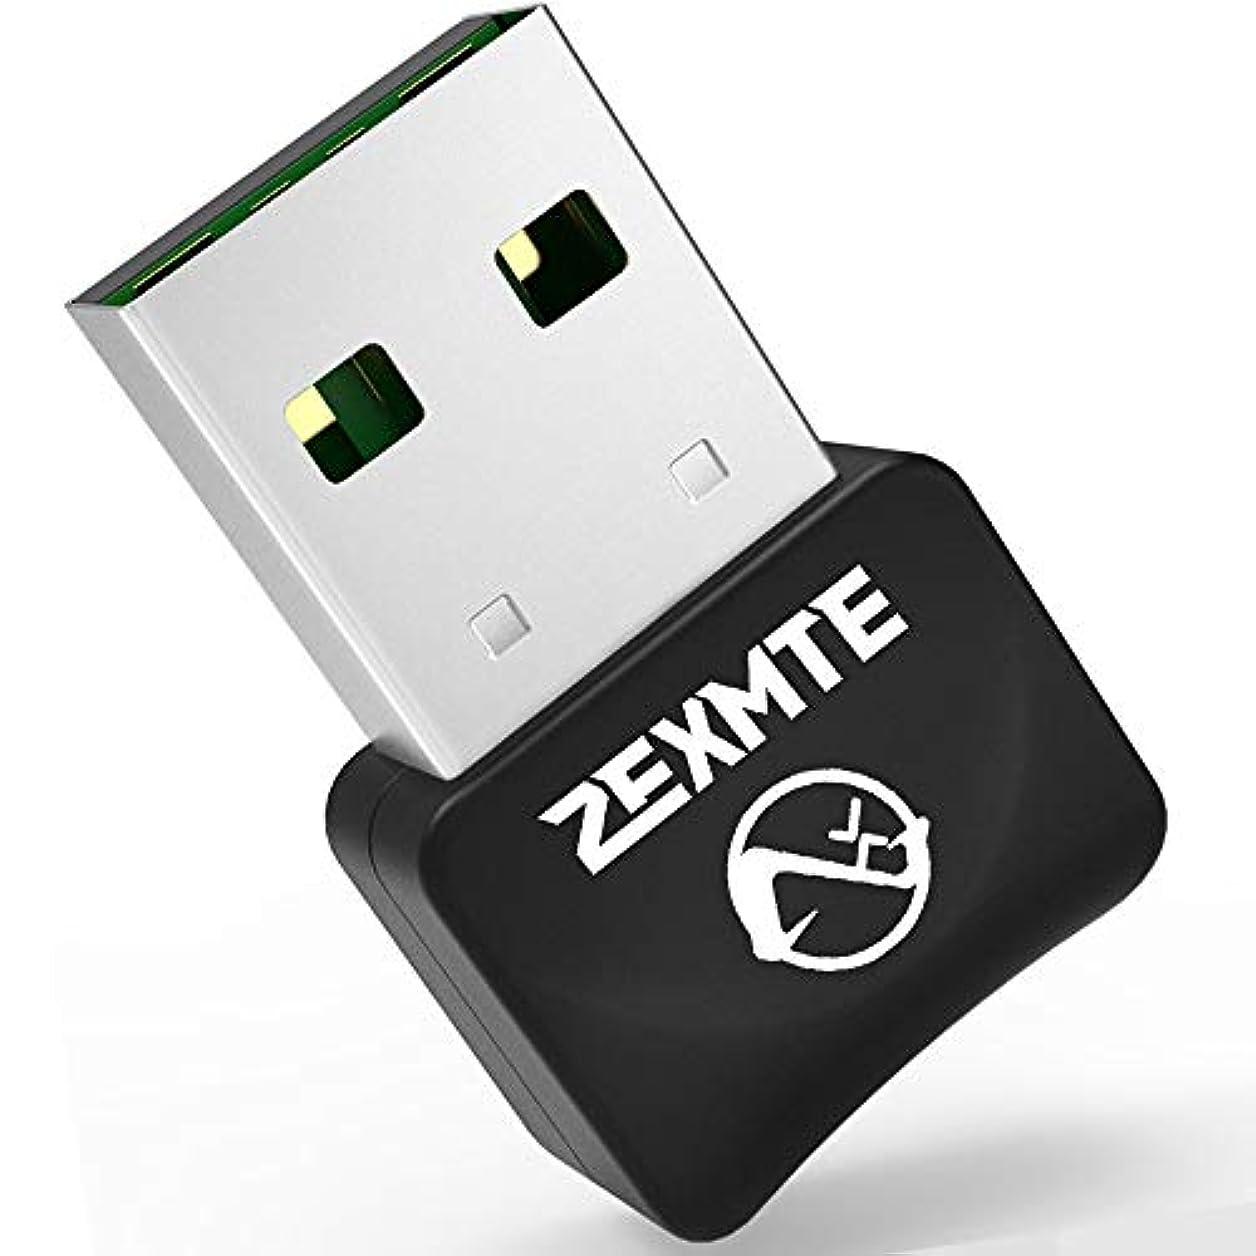 ブランド香水なぜZEXMTE Micro Bluetooth 5.0 アダプター PC USB Mini Bluetooth ドングル PC用 ワイヤレス転送 デスクトップ用 Bluetooth ヘッドホン スピーカー キーボード マウス プリンター Windows 10/8.1/8/7